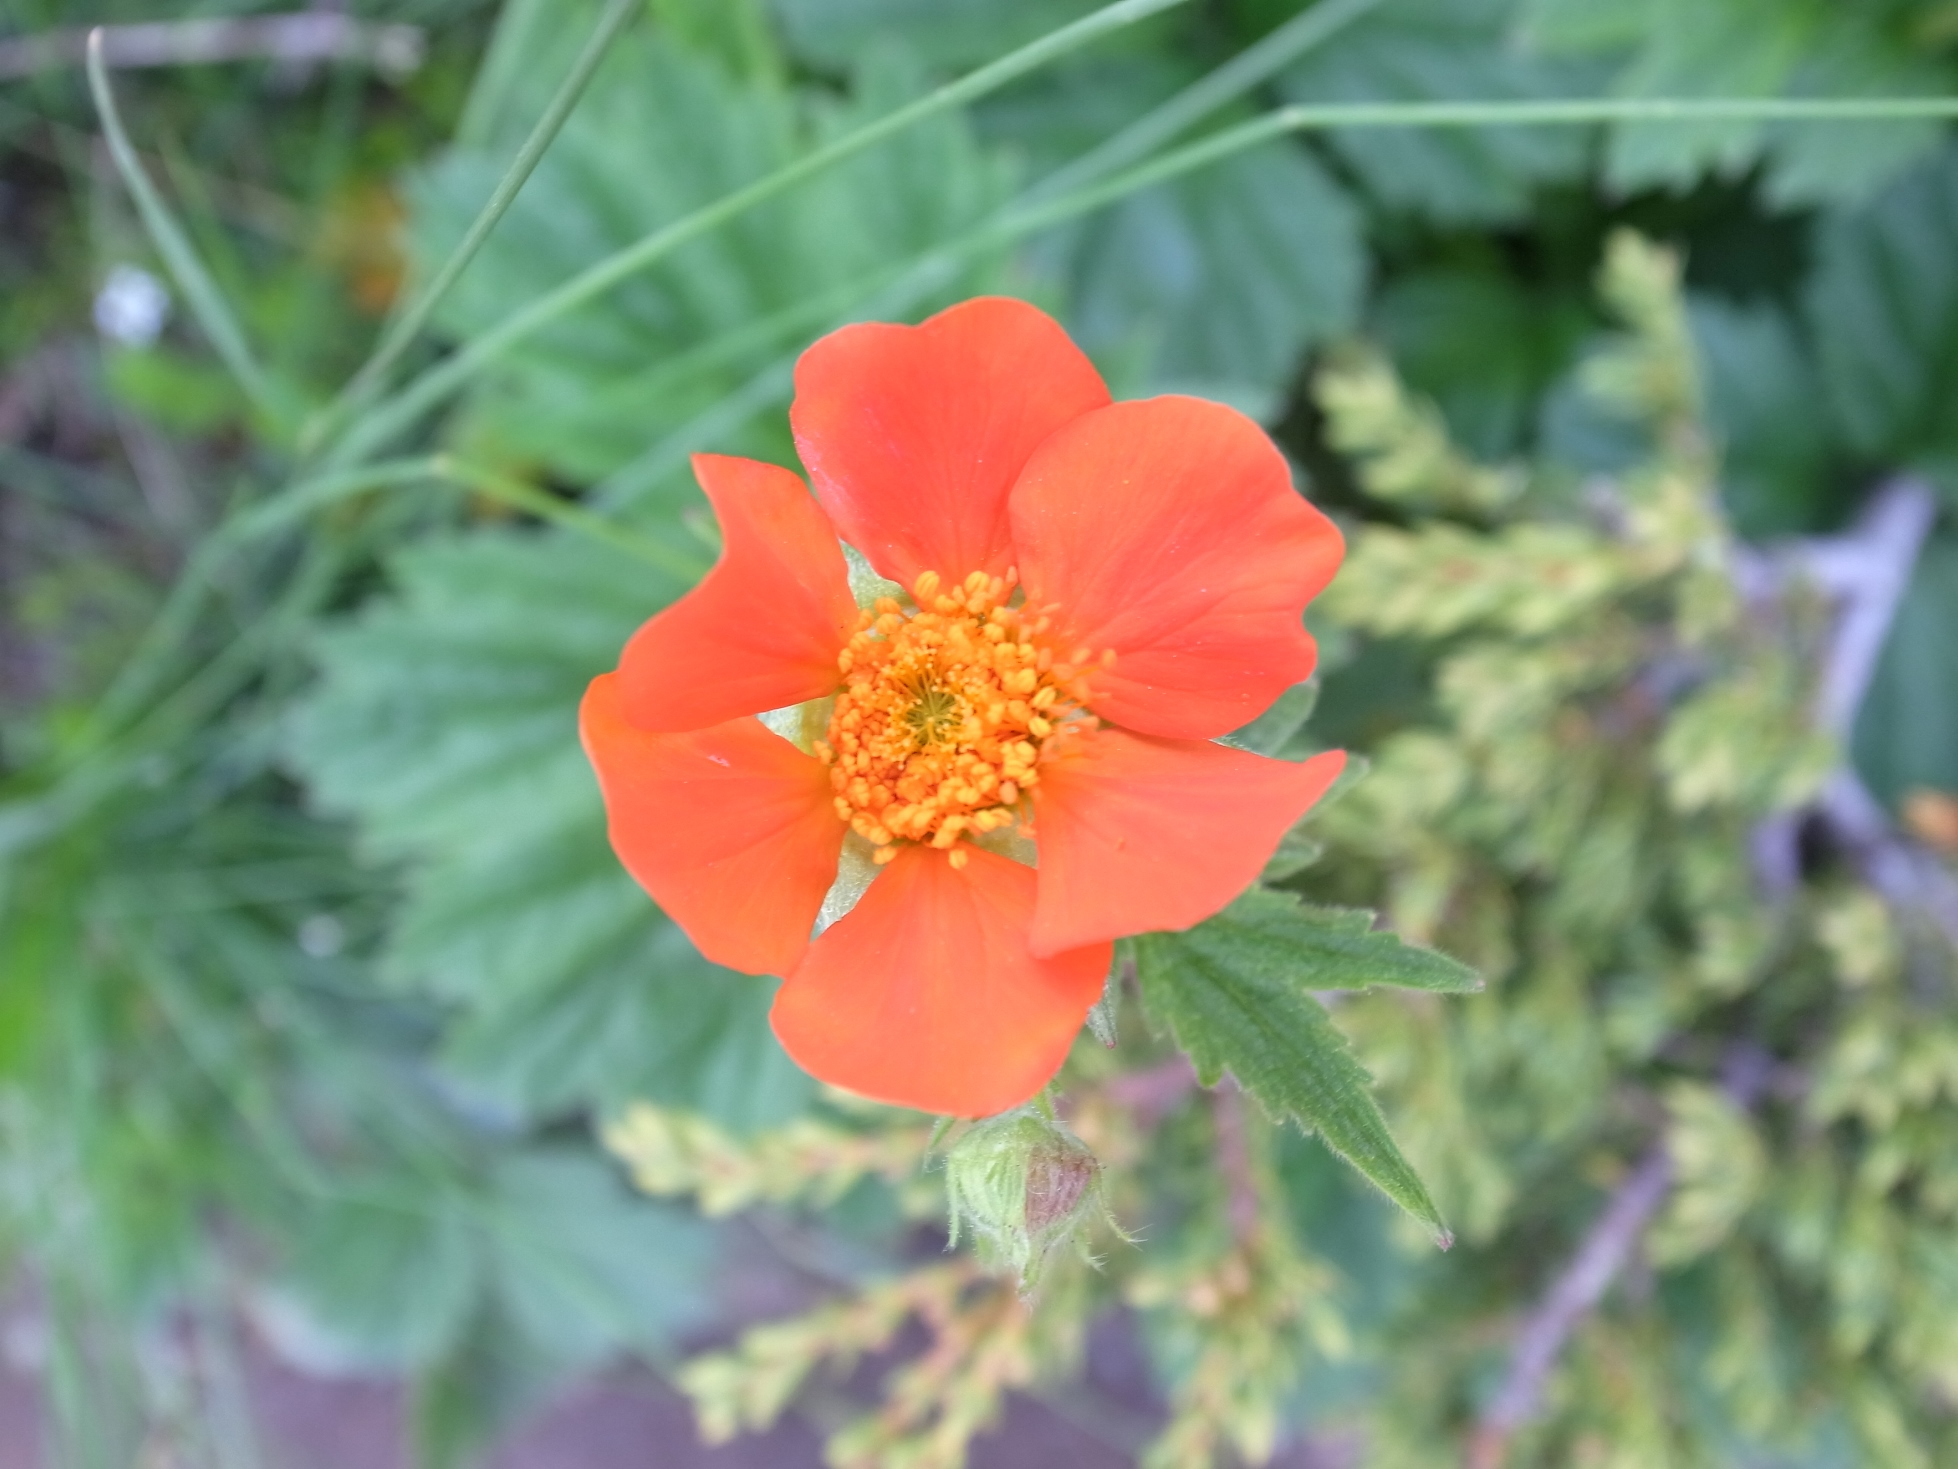 色とりどりの花がブルガリアの夏山を彩る